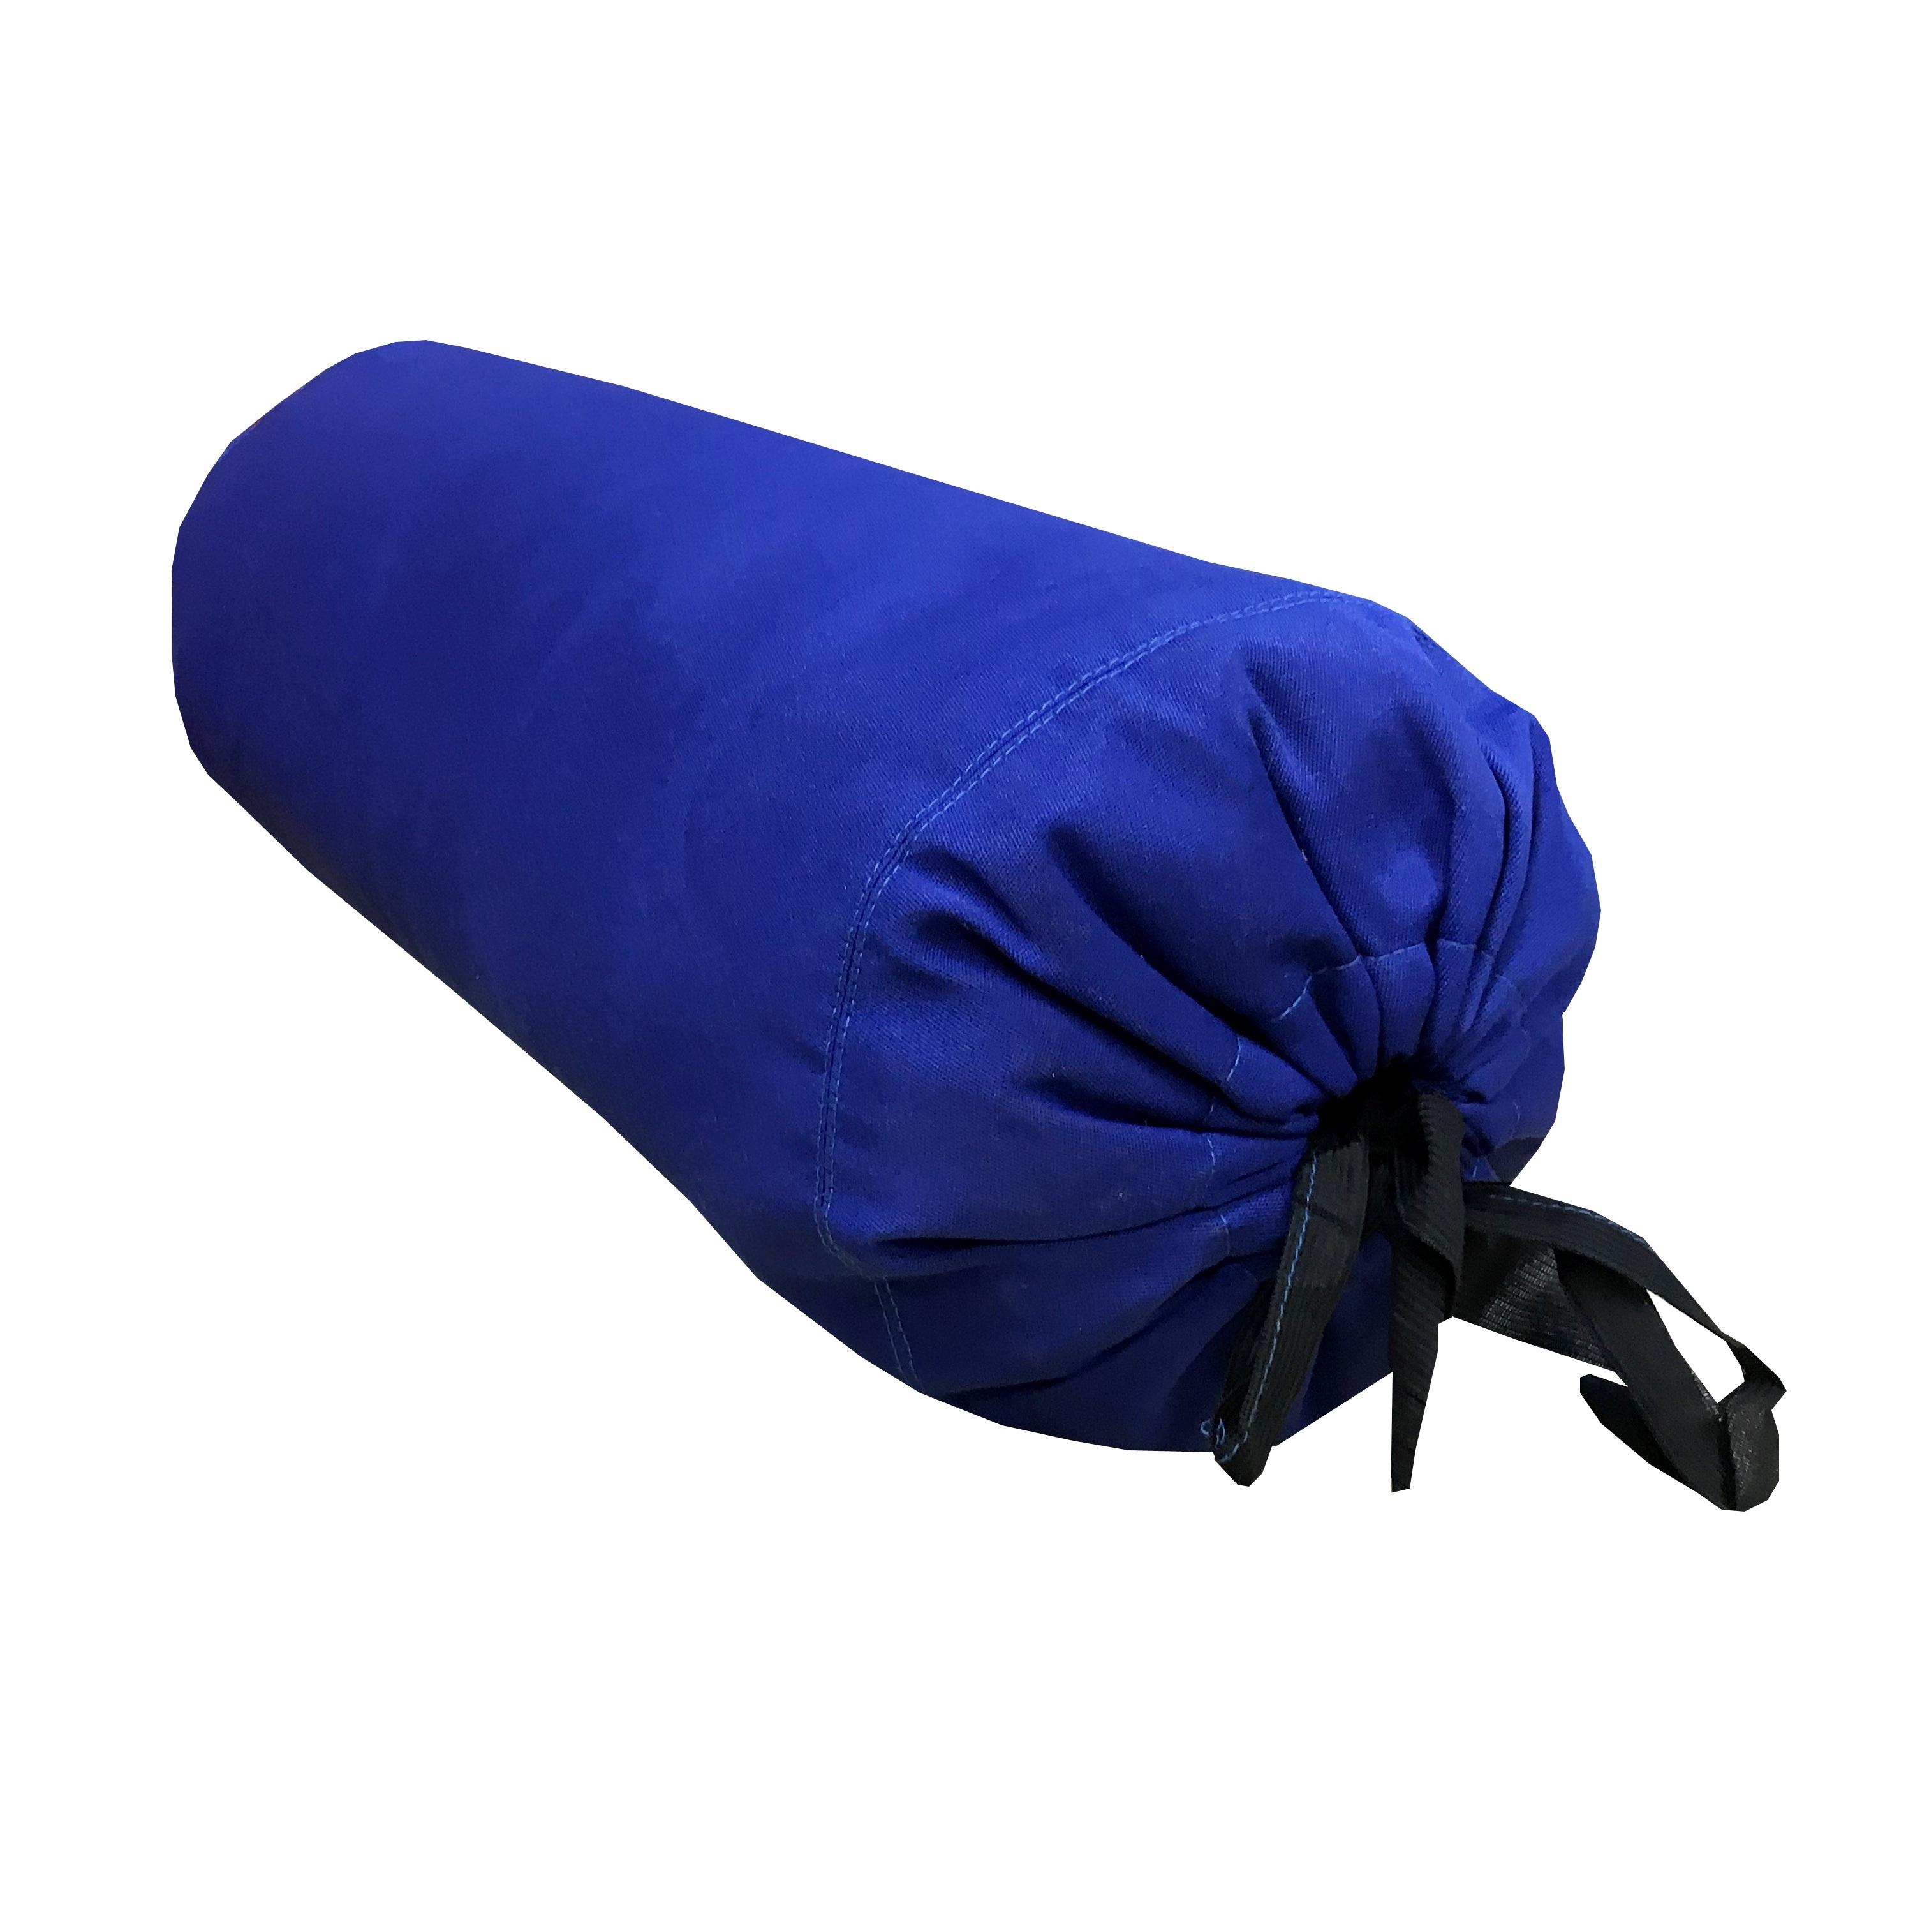 Валик из гречихи хлопковый чехол с завязками (15 см, 41 см, синий) цена